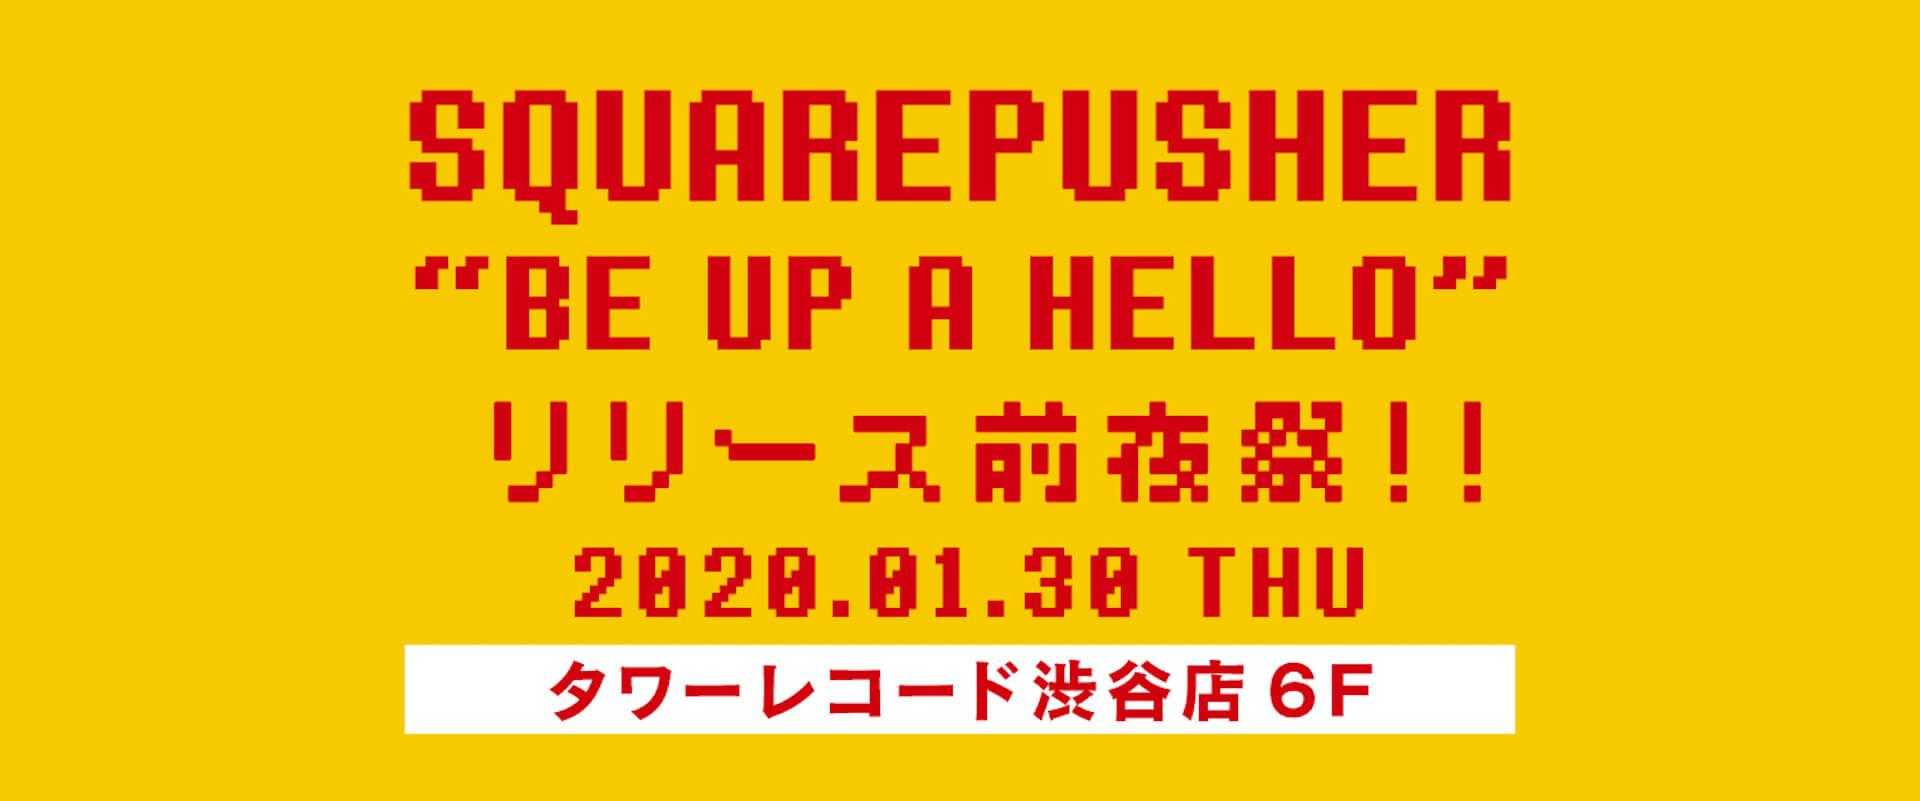 スクエアプッシャー『BE UP A HELLO』リリース前夜祭がタワレコ渋谷で開催決定!真鍋大度、mito、たなしんのトークライブも music200128_squarepusher_13